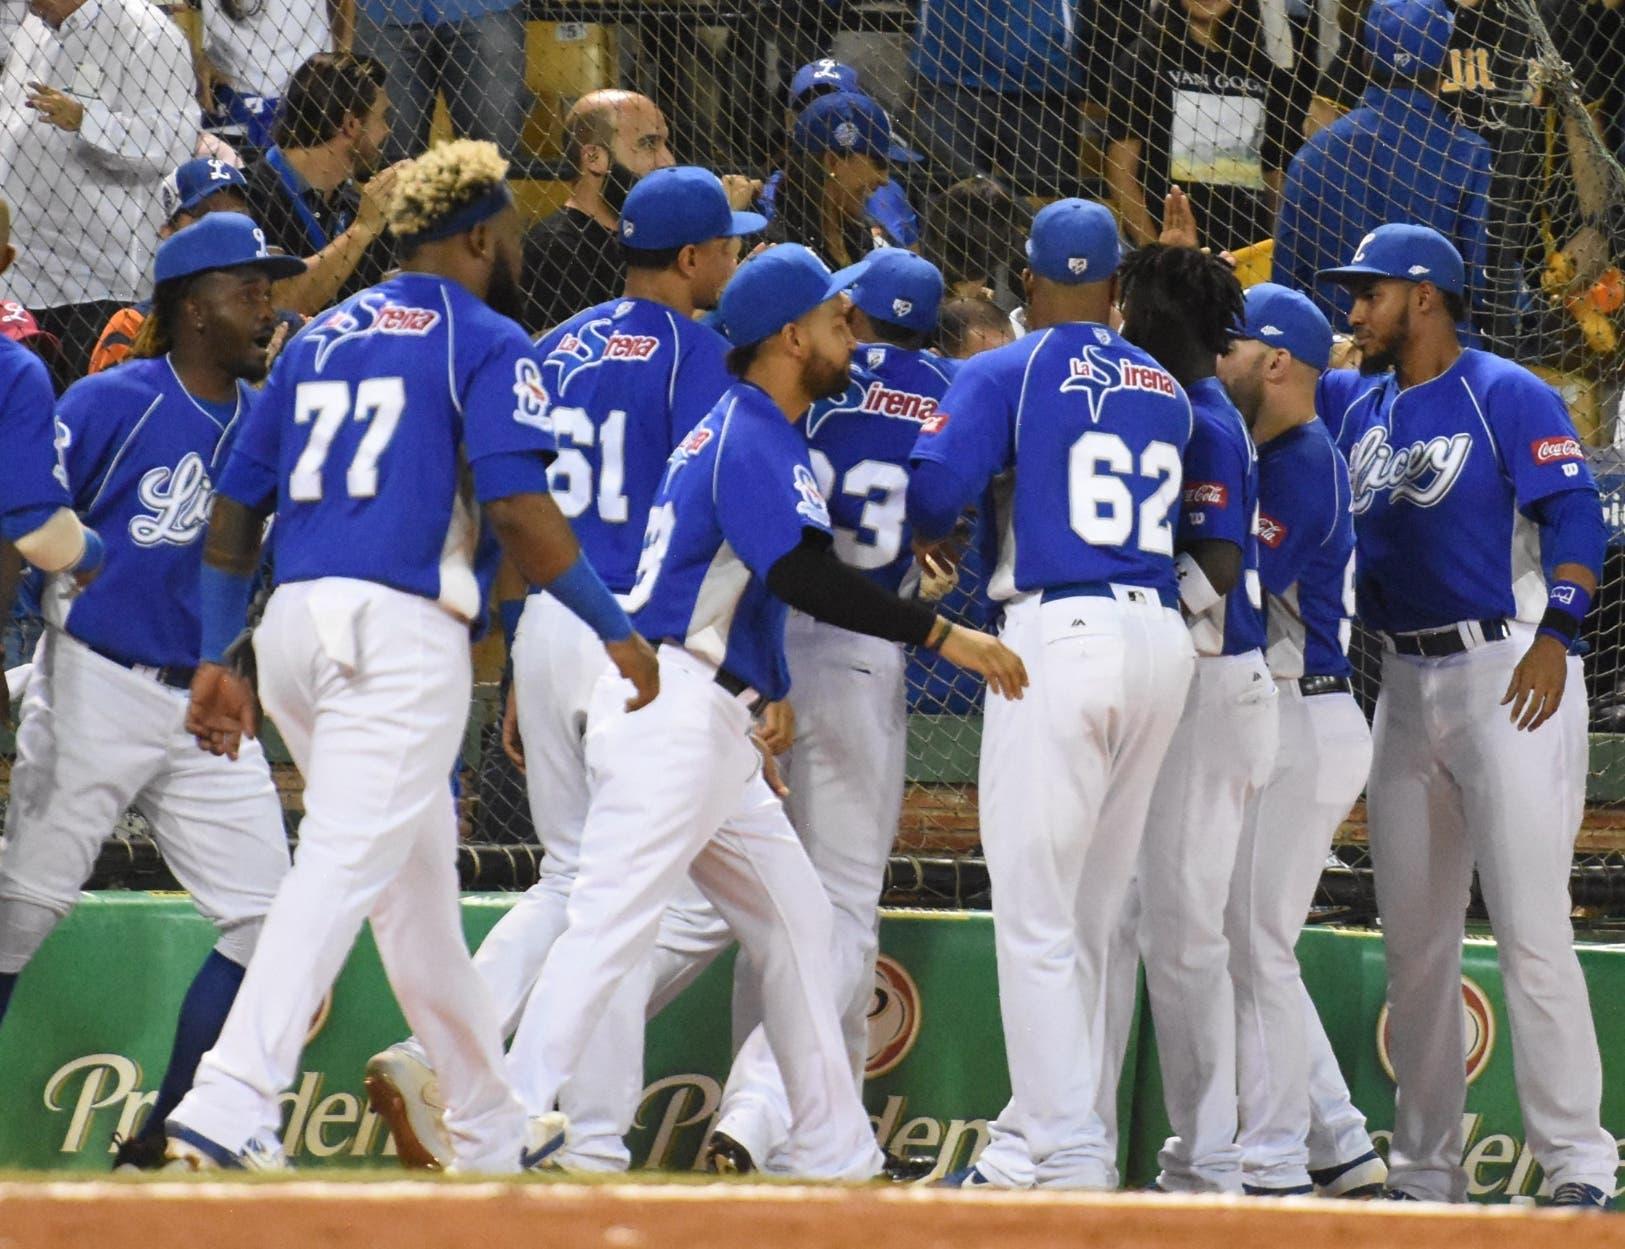 Casos de covid-19 sacan al Licey temporalmente del béisbol dominicano